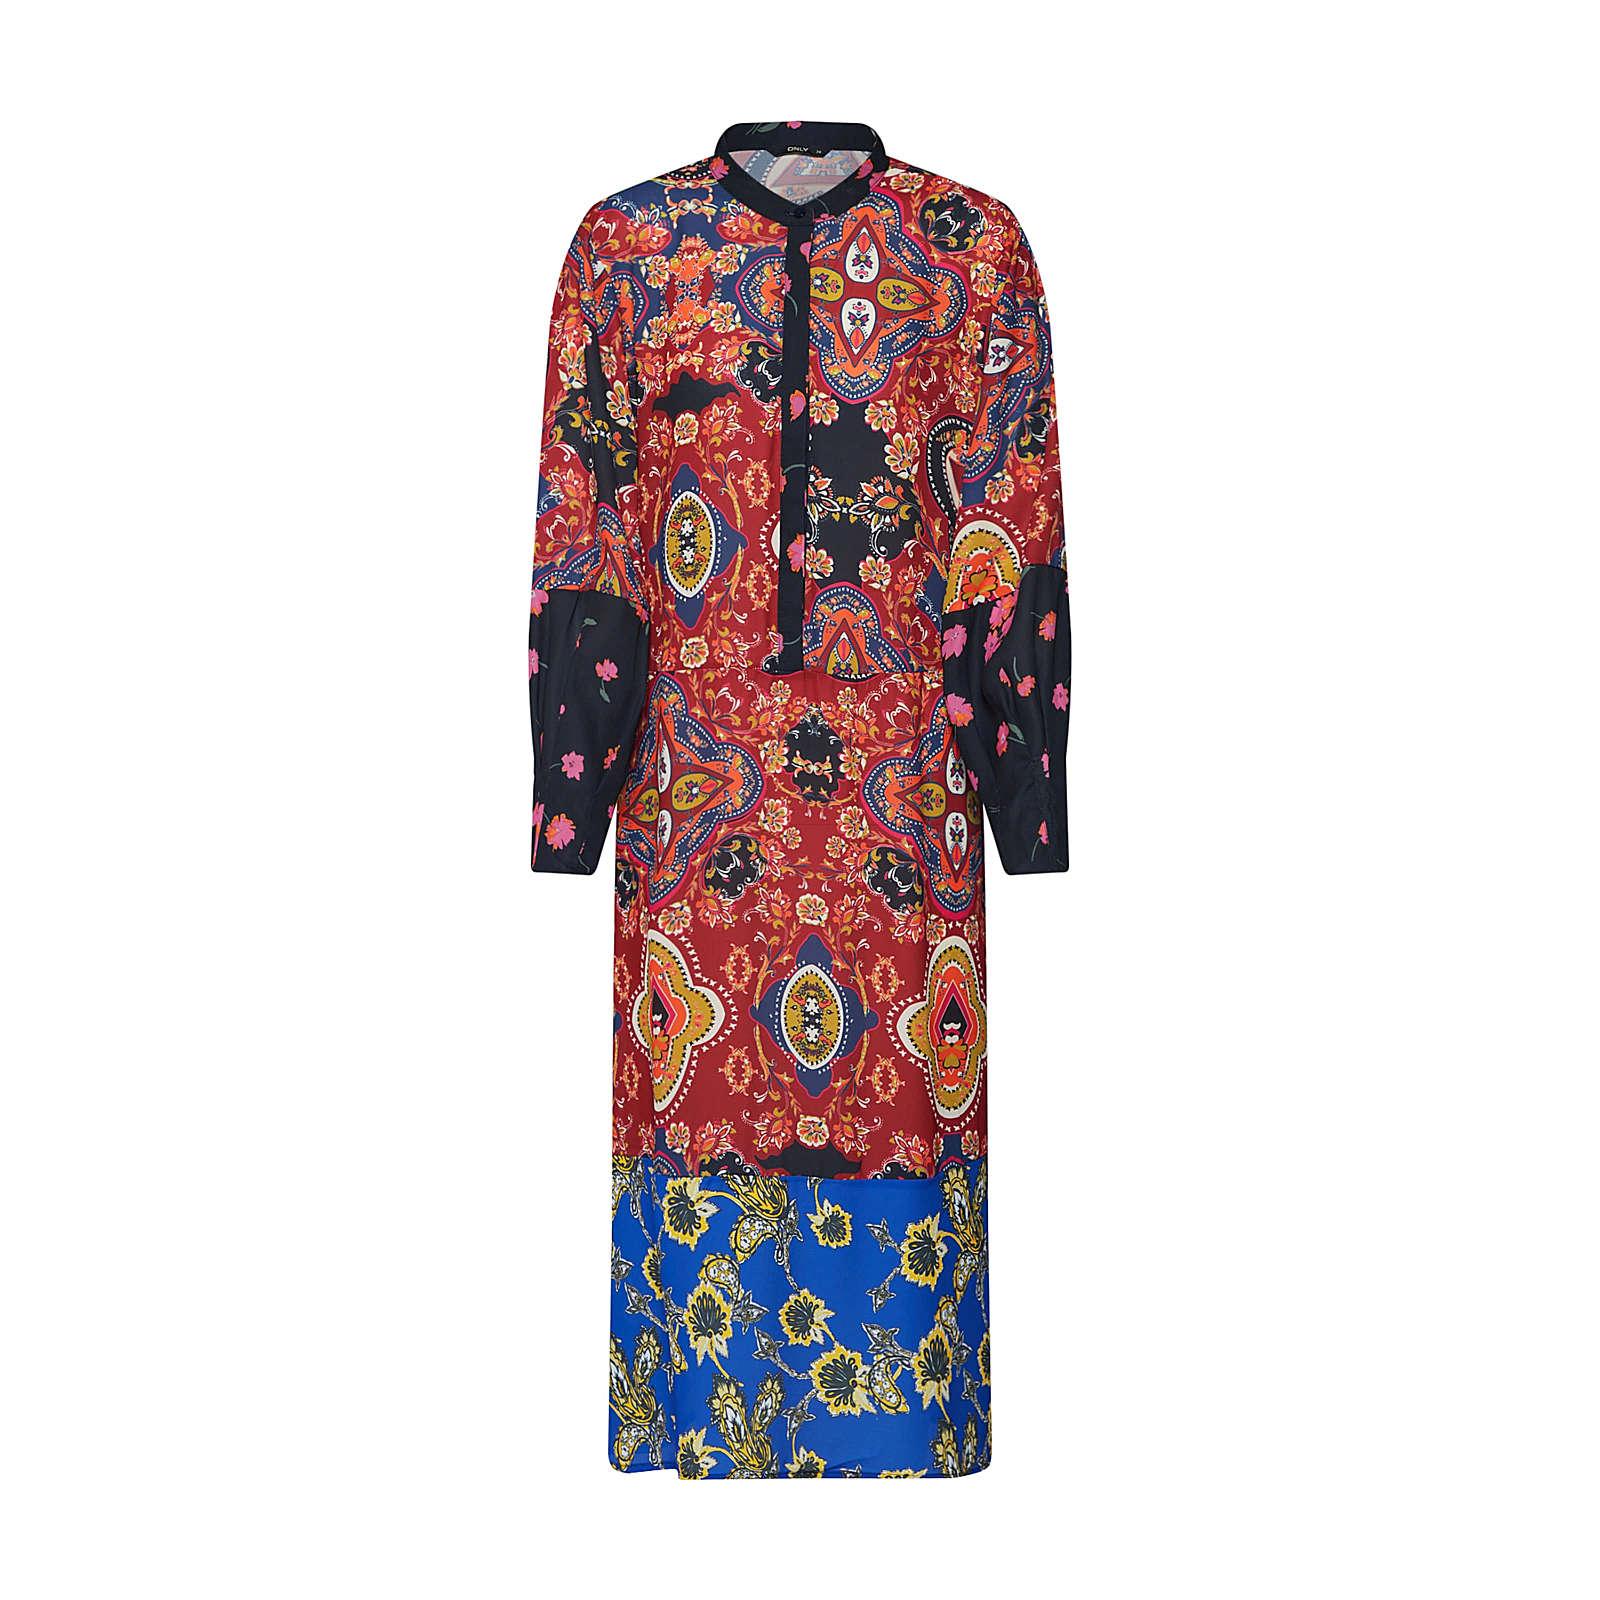 ONLY Blusenkleid TALIA Blusenkleider schwarz Damen Gr. 42